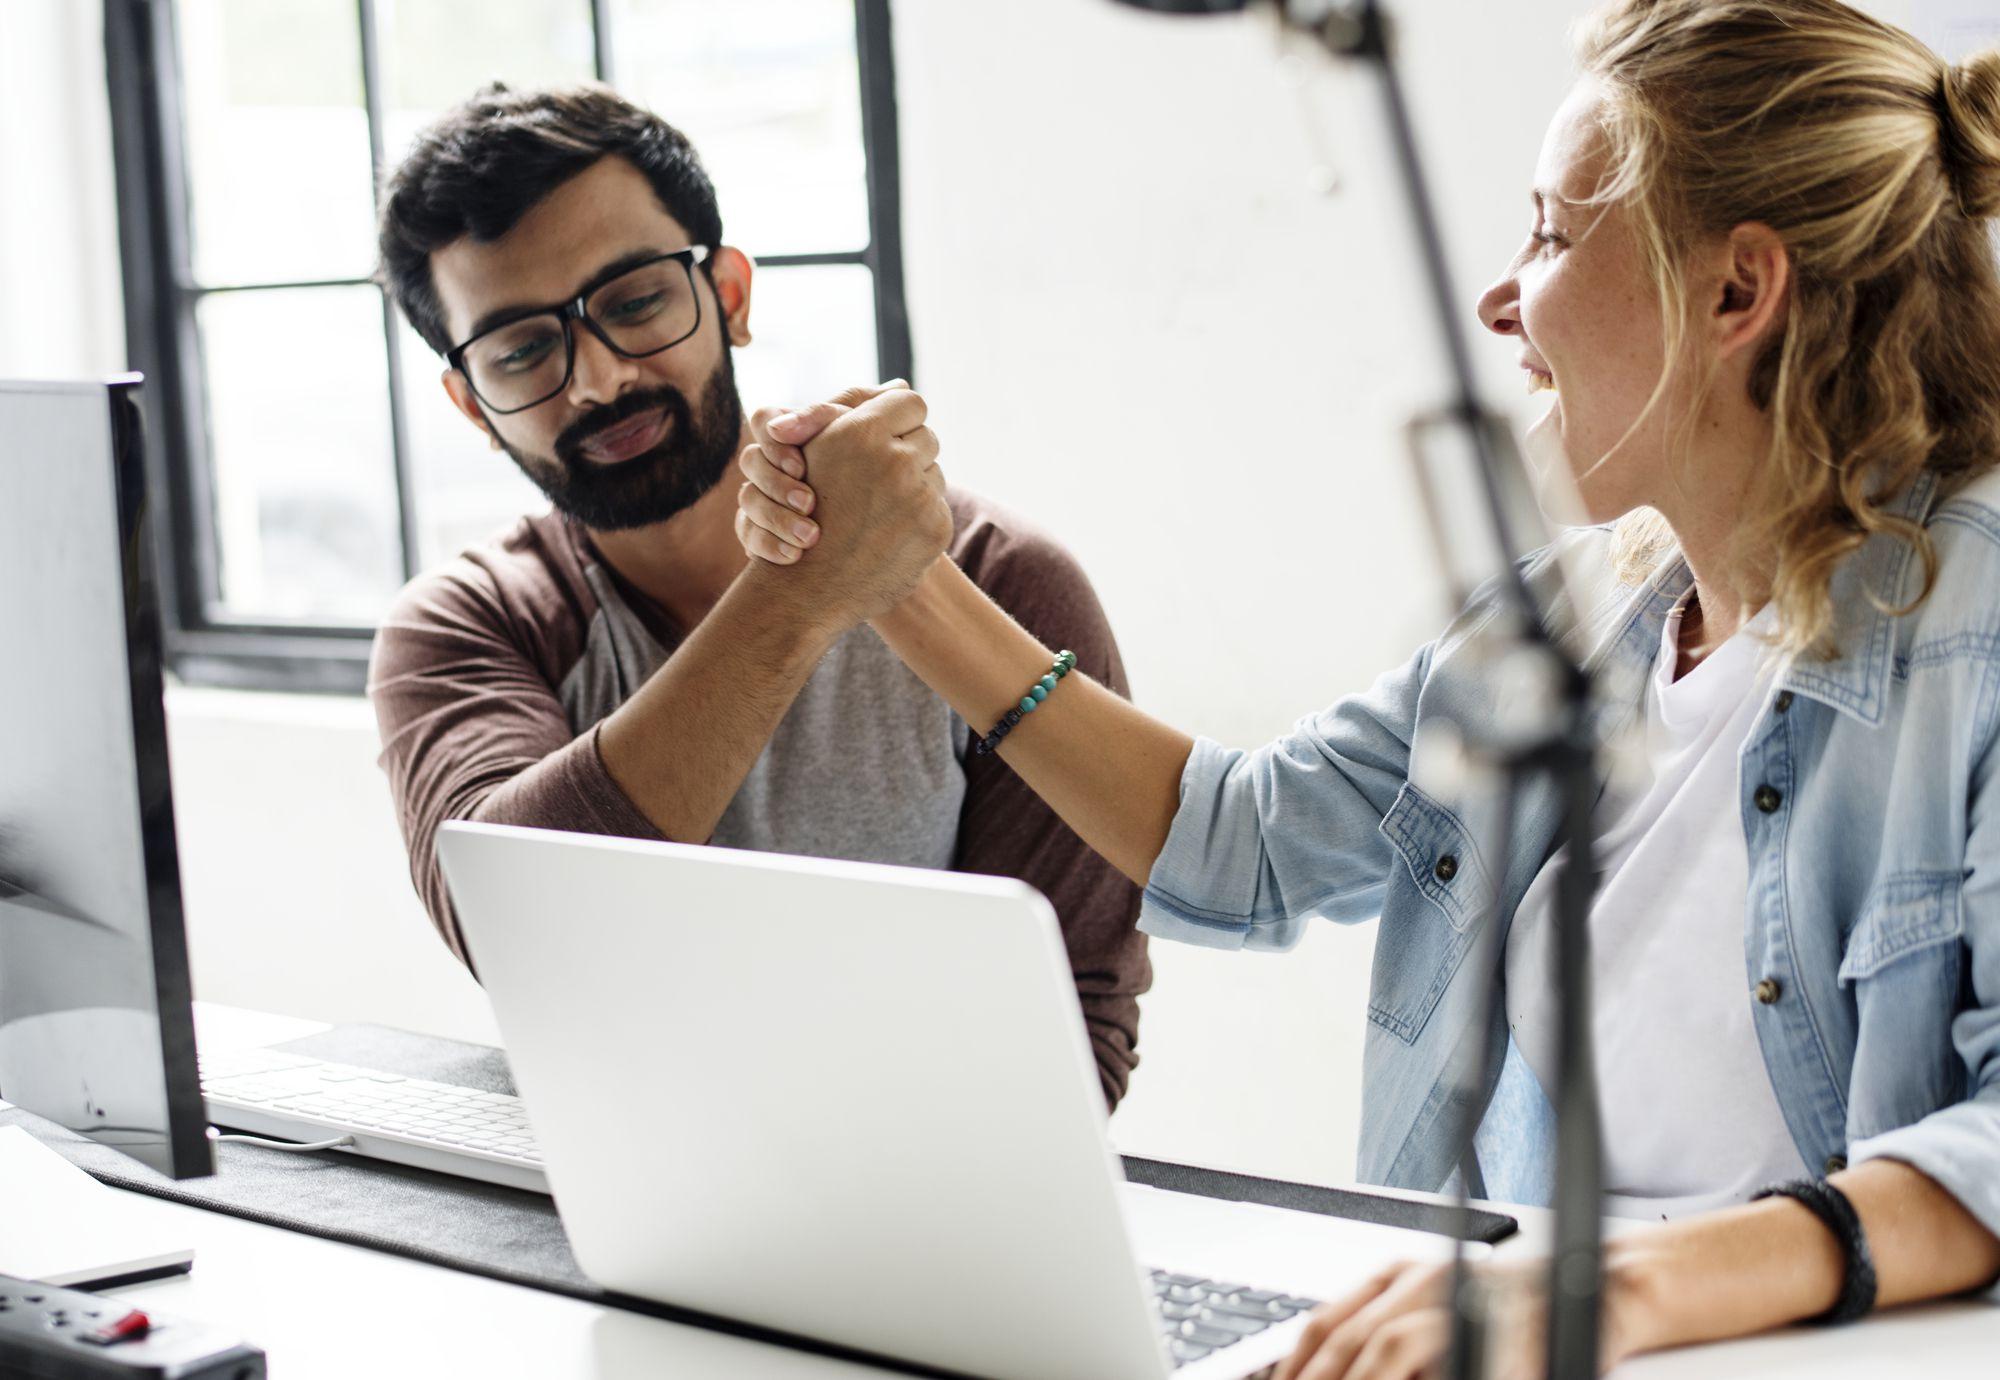 Comportamento no ambiente de trabalho: o que fazer o que não fazer?